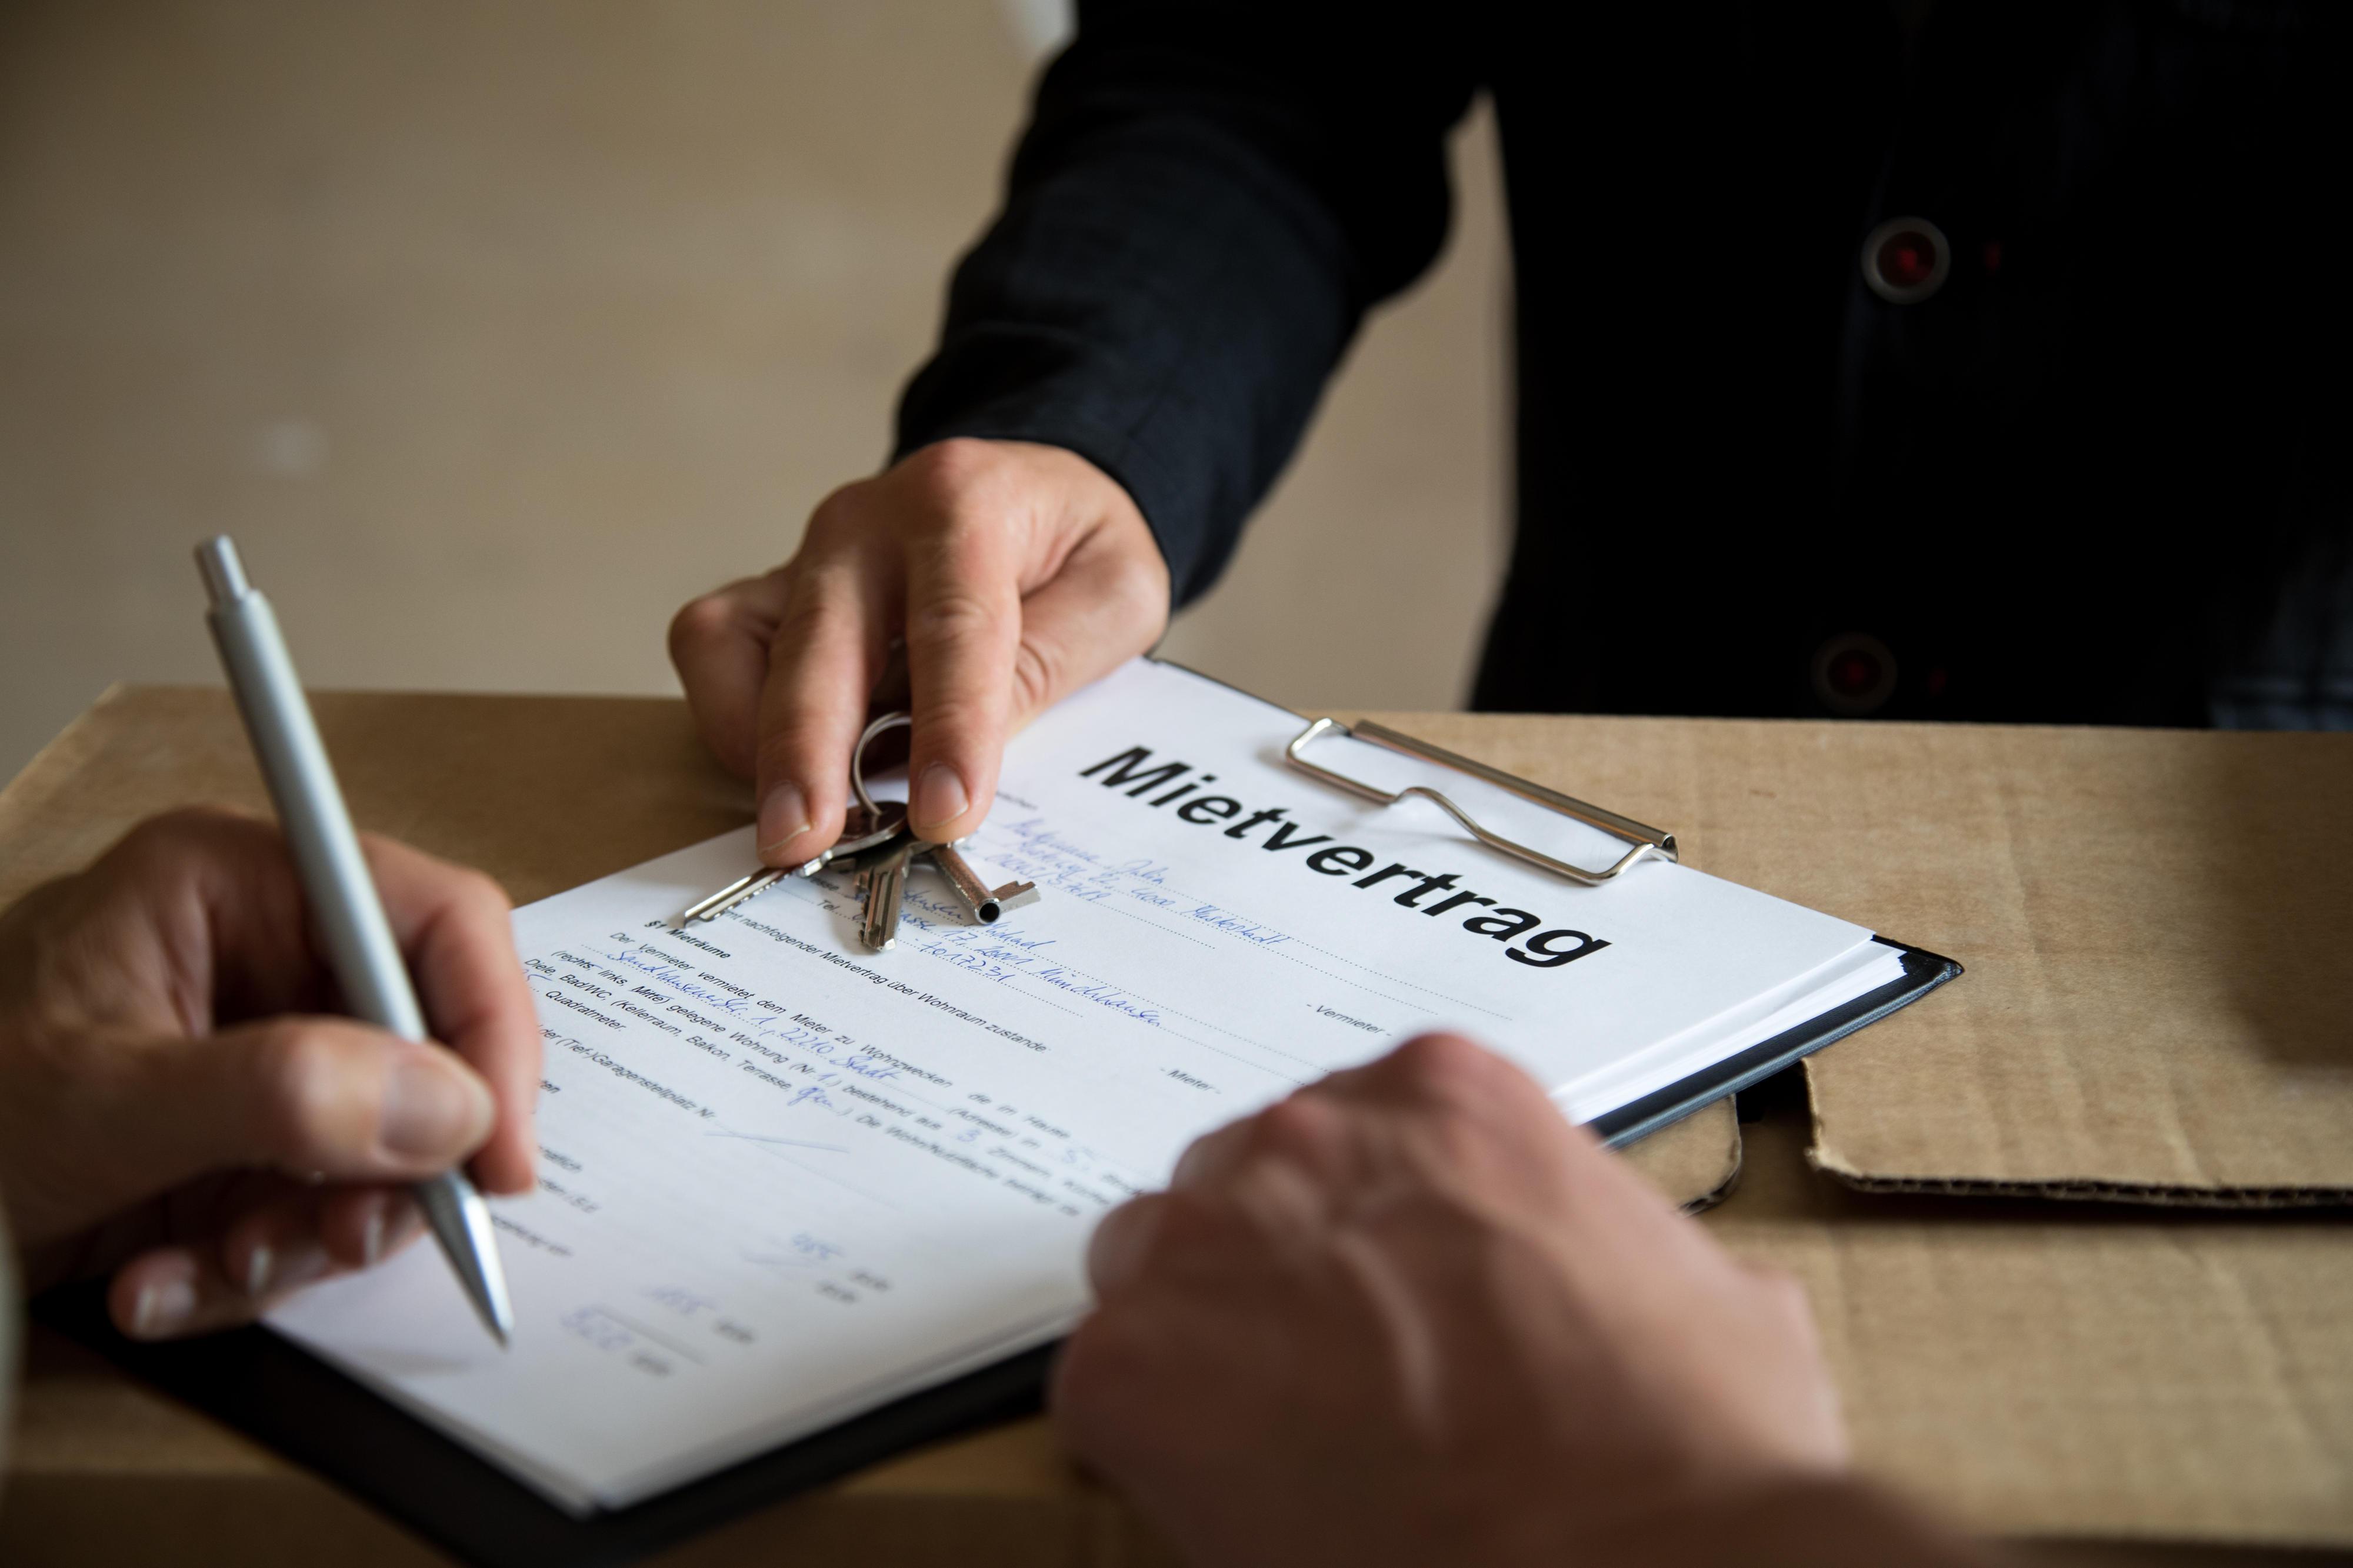 Klauseln Im Mietvertrag Experten Erklären Welche Vorschriften Von